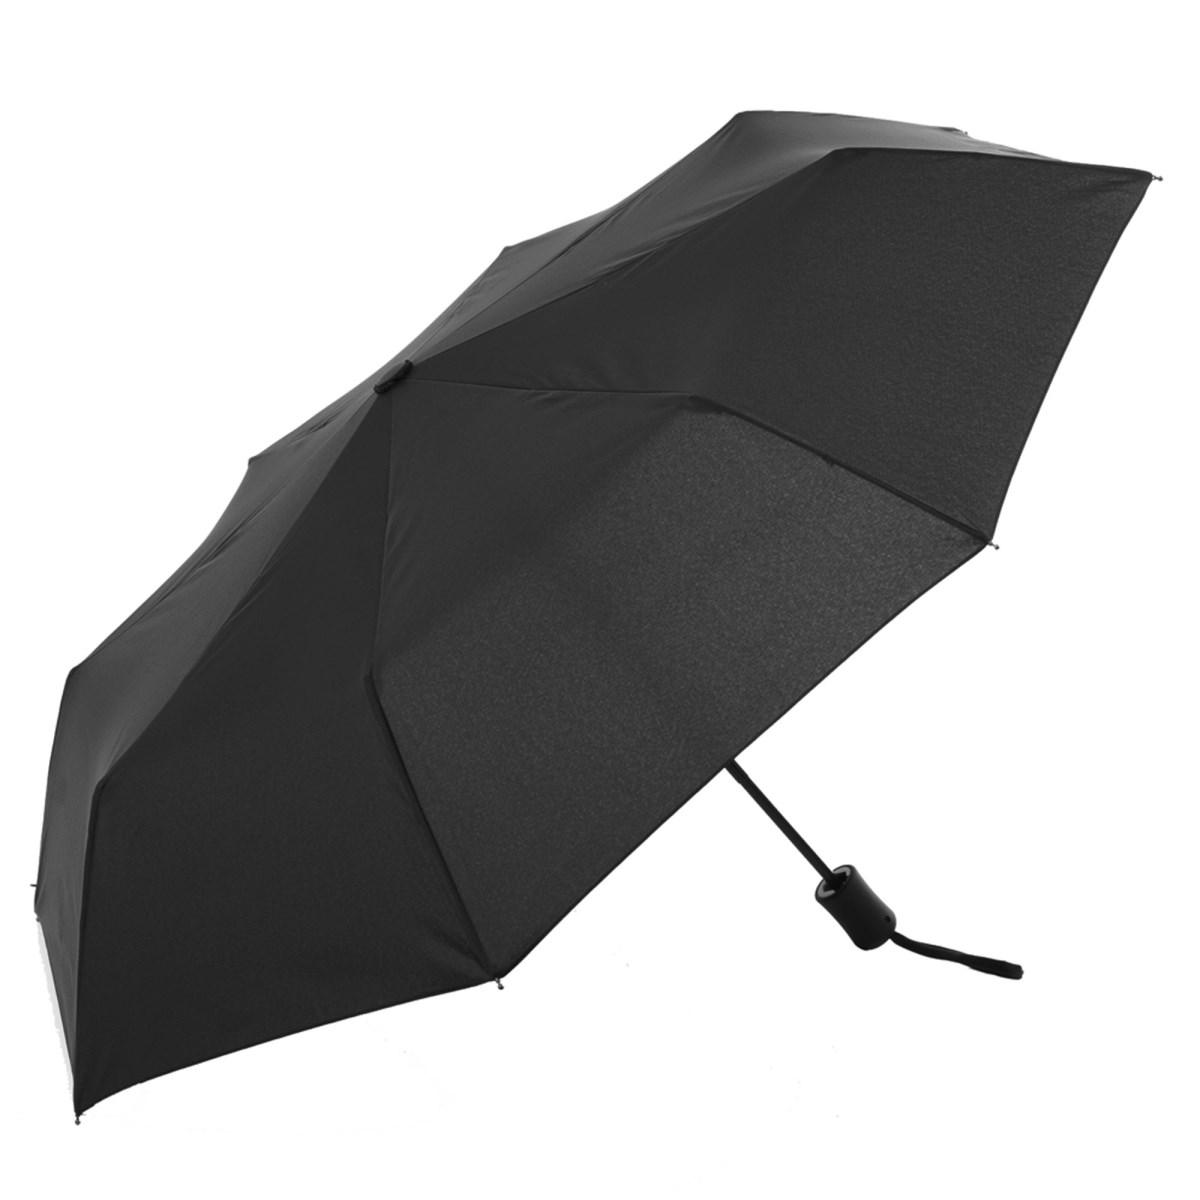 Plain black automatic compact umbrella susino umbrellas for Wind resistant material